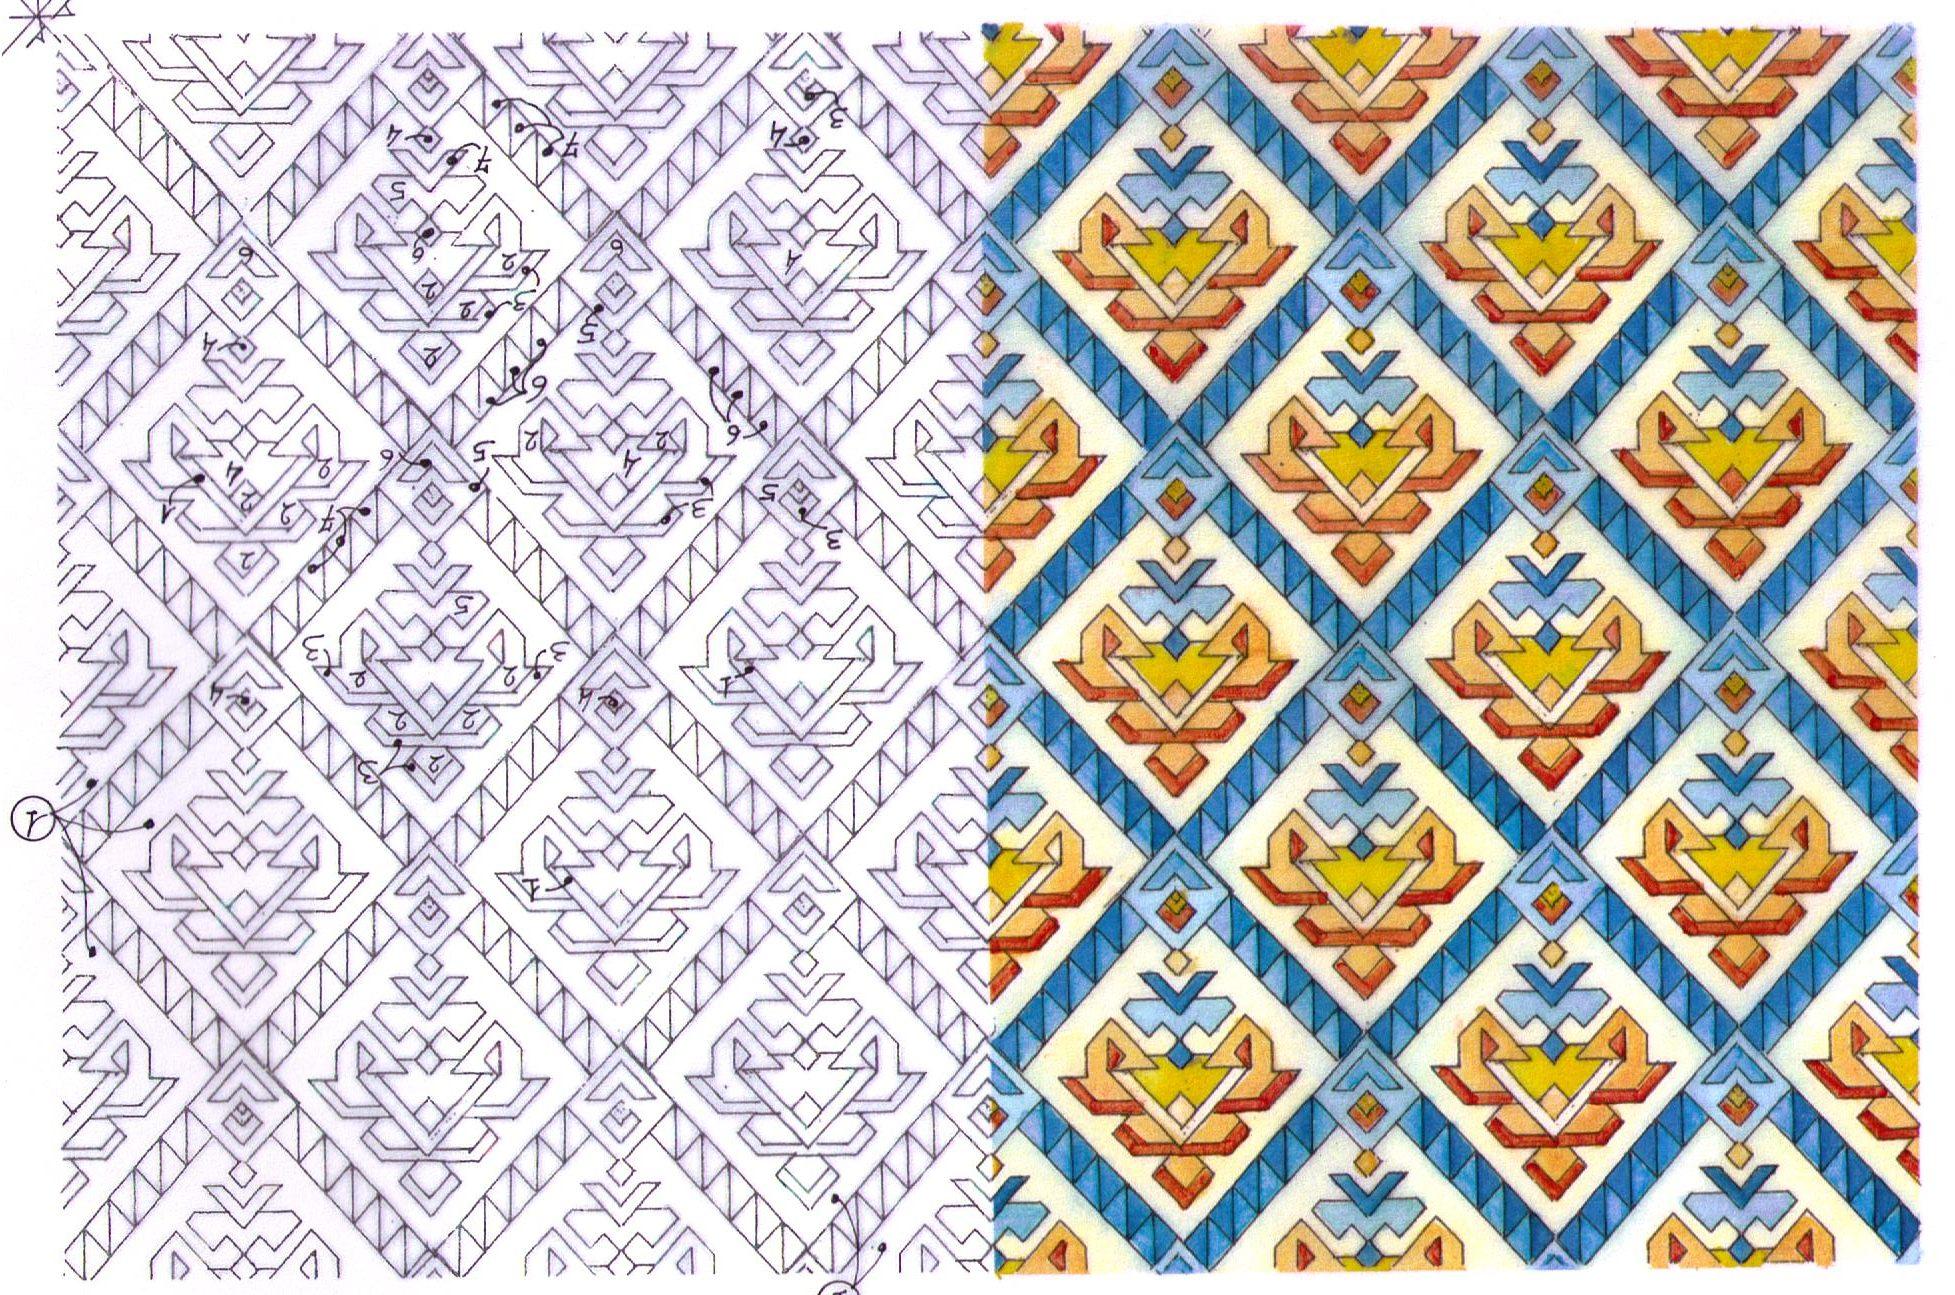 Pascale haincaud d coratrice et architecte d int rieure for Moquette geometrique